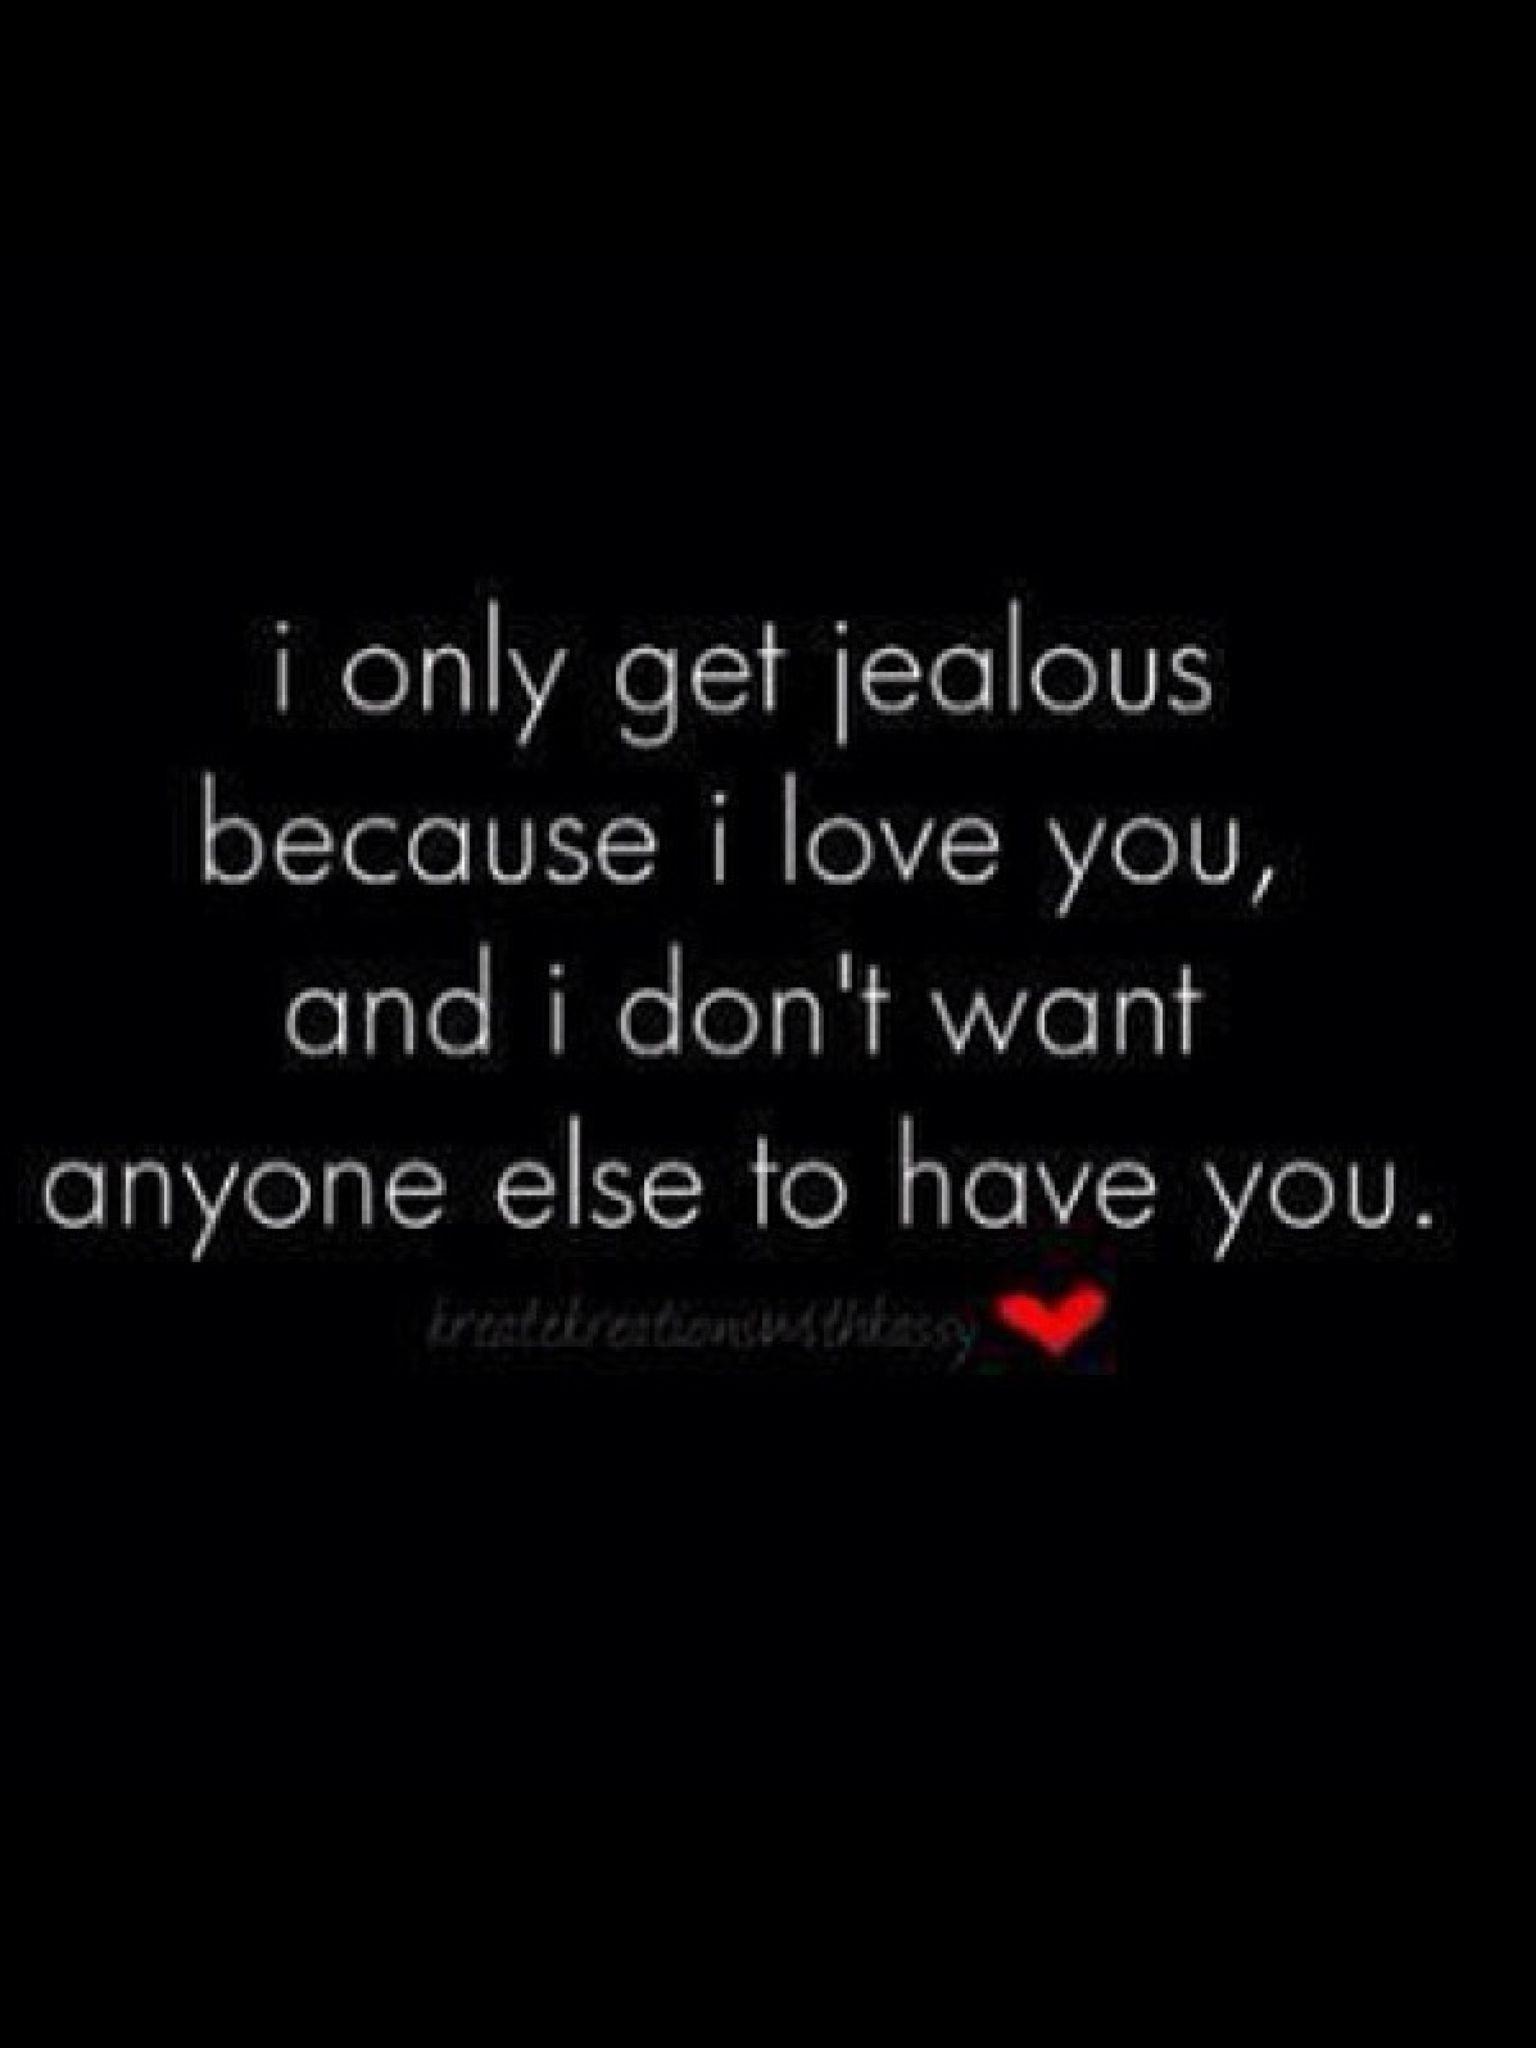 Love Jealousy Quotes Memememememememe Me Only  Love And Relationships  Pinterest